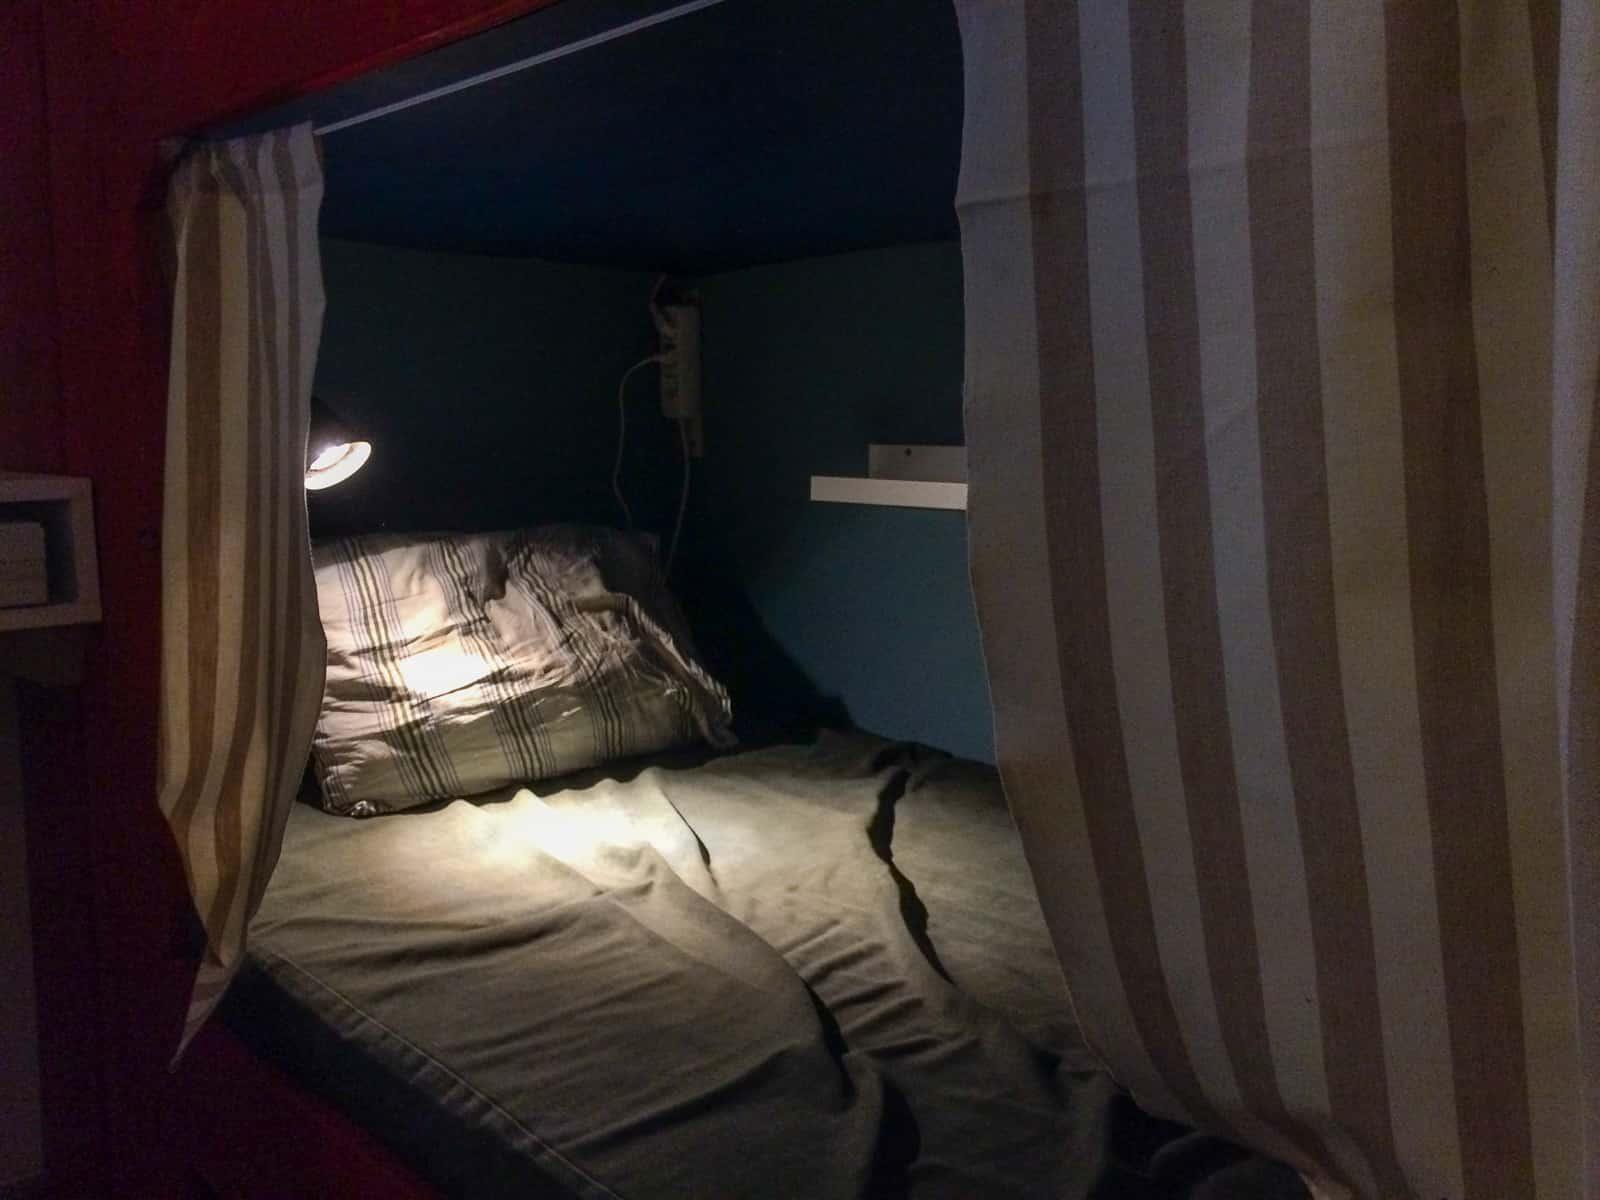 Underslafen är lite bekvämare att ta sig i och ur. Men jag tycker det känns lite mer privat på andra våningen. Hur som helst är det skönt med en egen kupé.